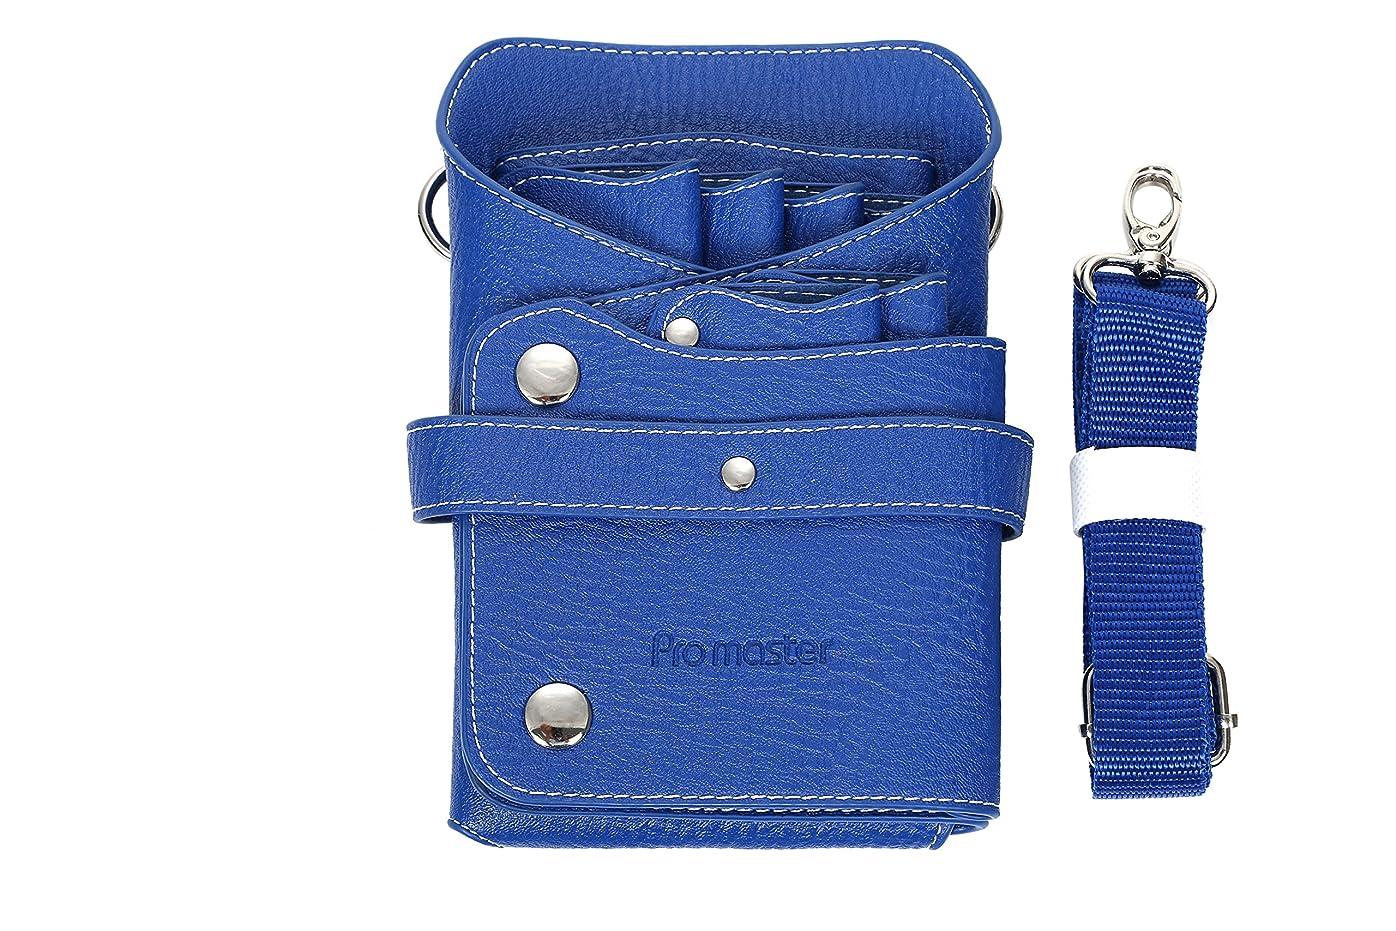 豊かな中にそれぞれケーセブン シザーバッグ 6ポケット レザー ベルト付き ブルー